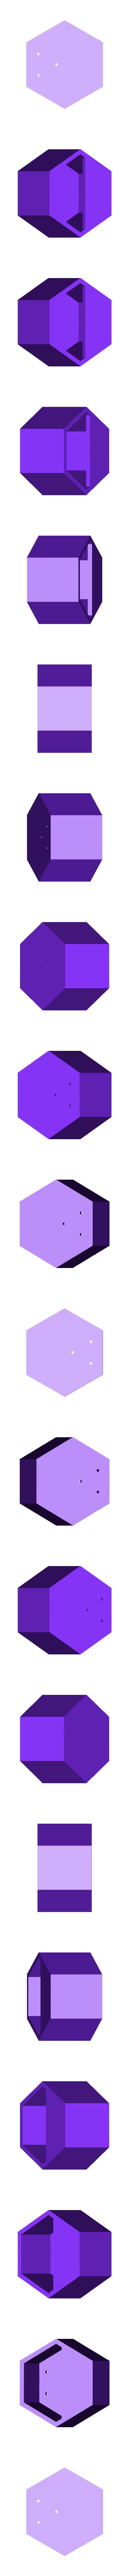 Shiny Lappi.stl Télécharger fichier STL Moule hexagonal en béton pour jardinières murales v1 • Design à imprimer en 3D, haya_farm